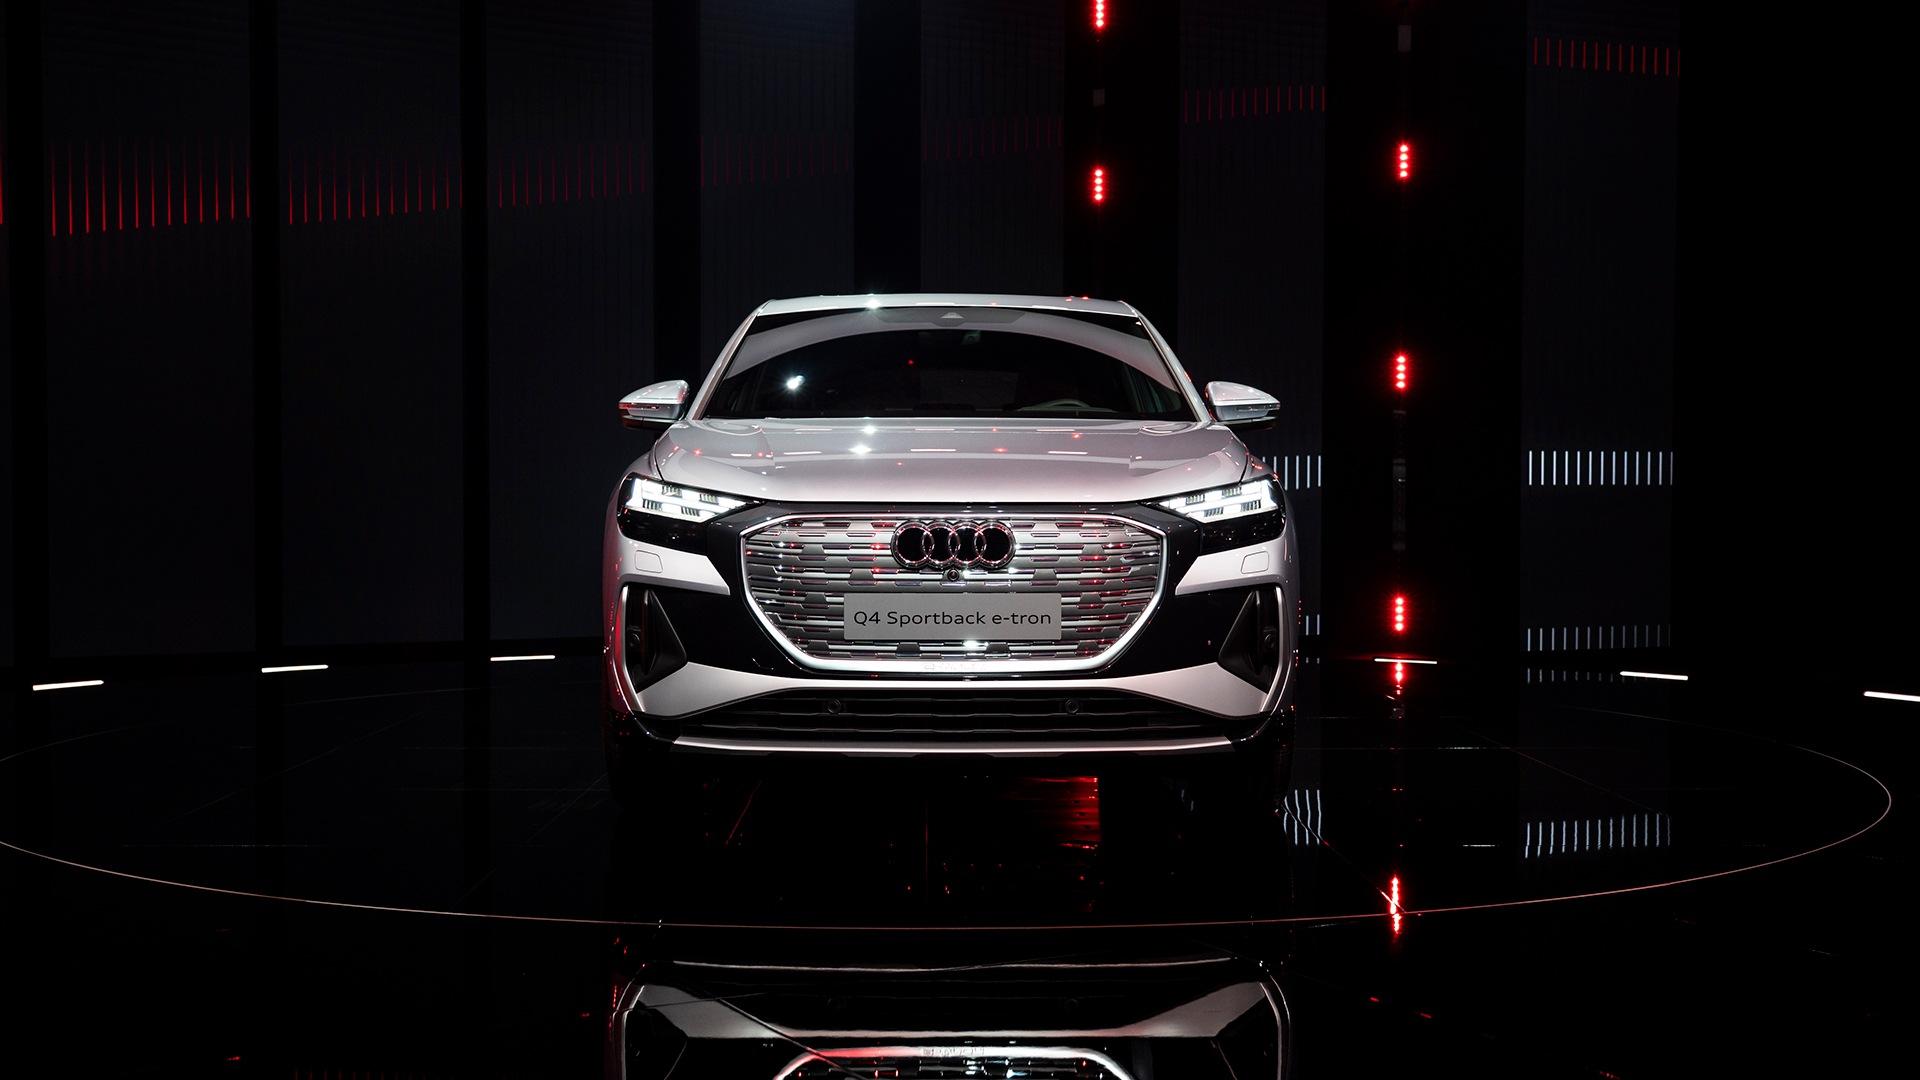 Audi Q4 Sportback e-tron je idealen za vsakodnevno vožnjo – prostoren prtljažnik in prvi serijski model s prilagodljivimi dinamičnimi dnevnimi žarometi.